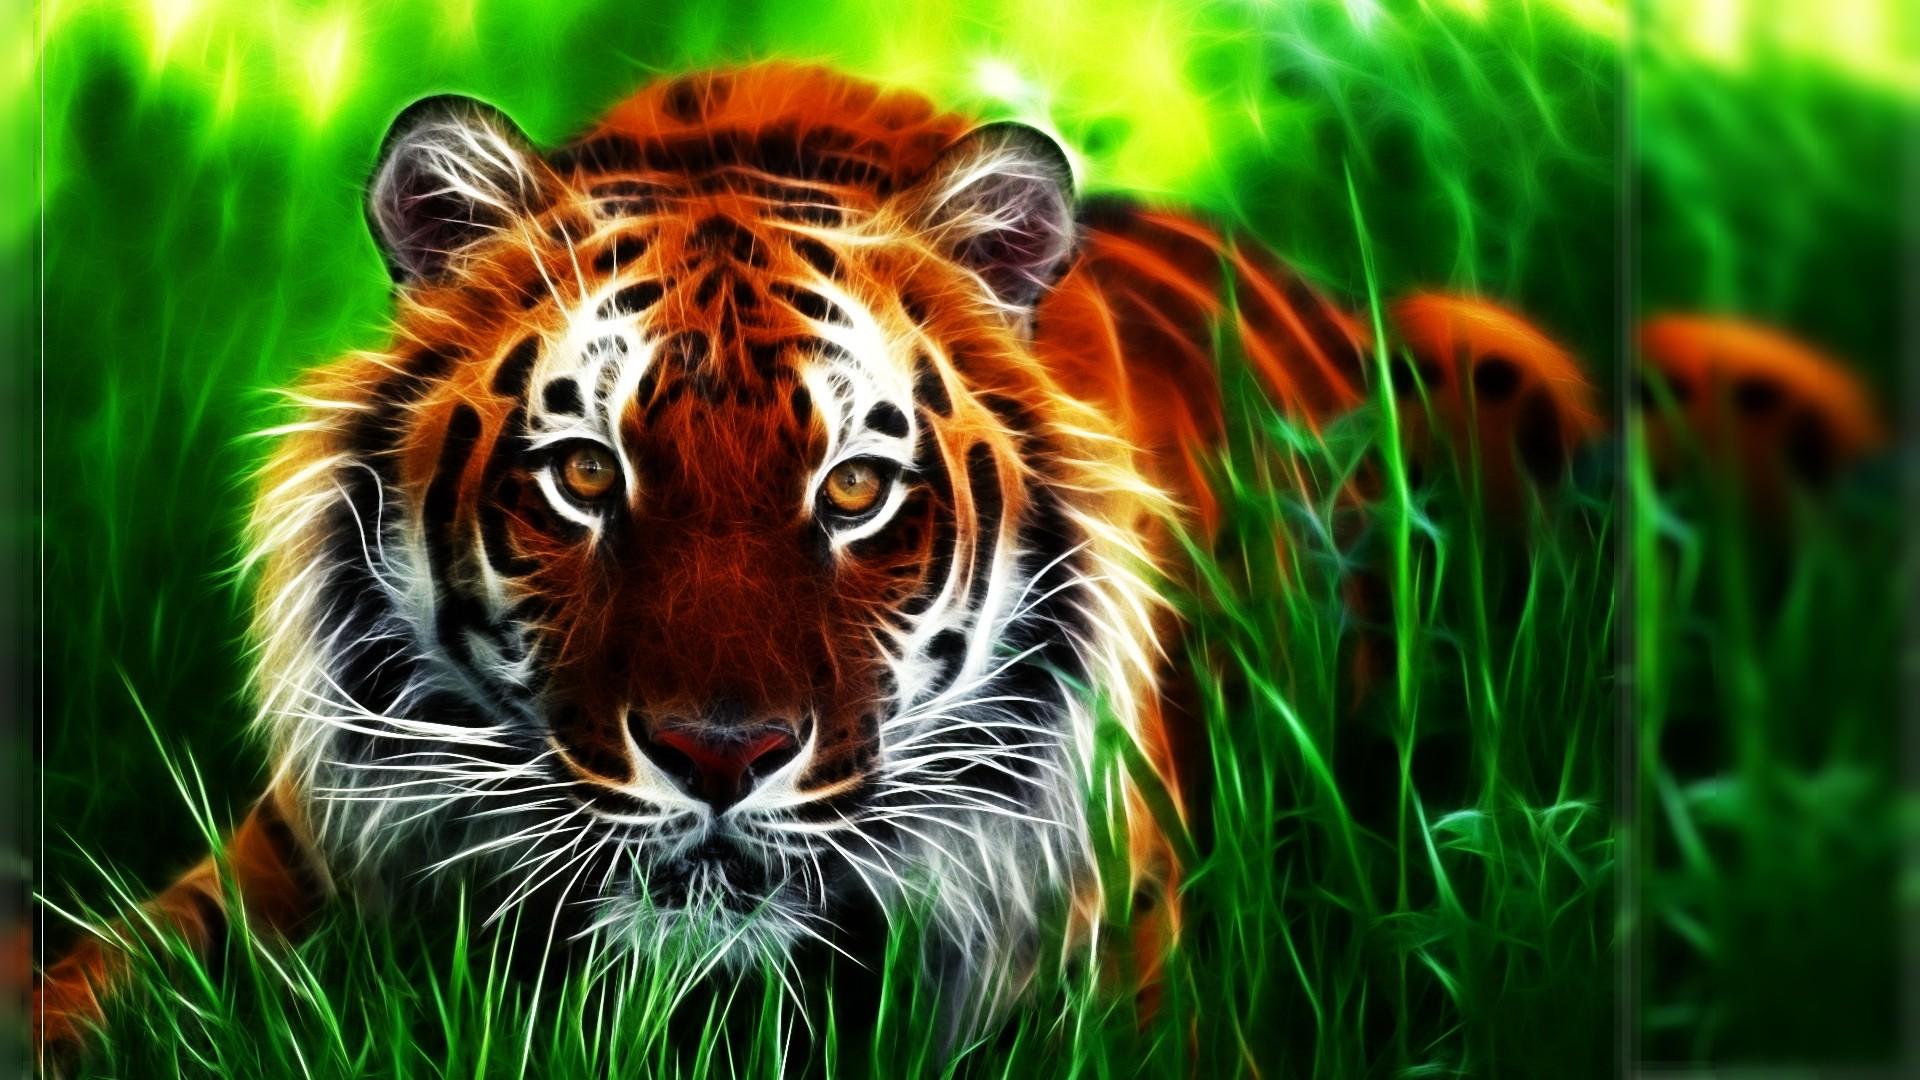 cool 3d tiger